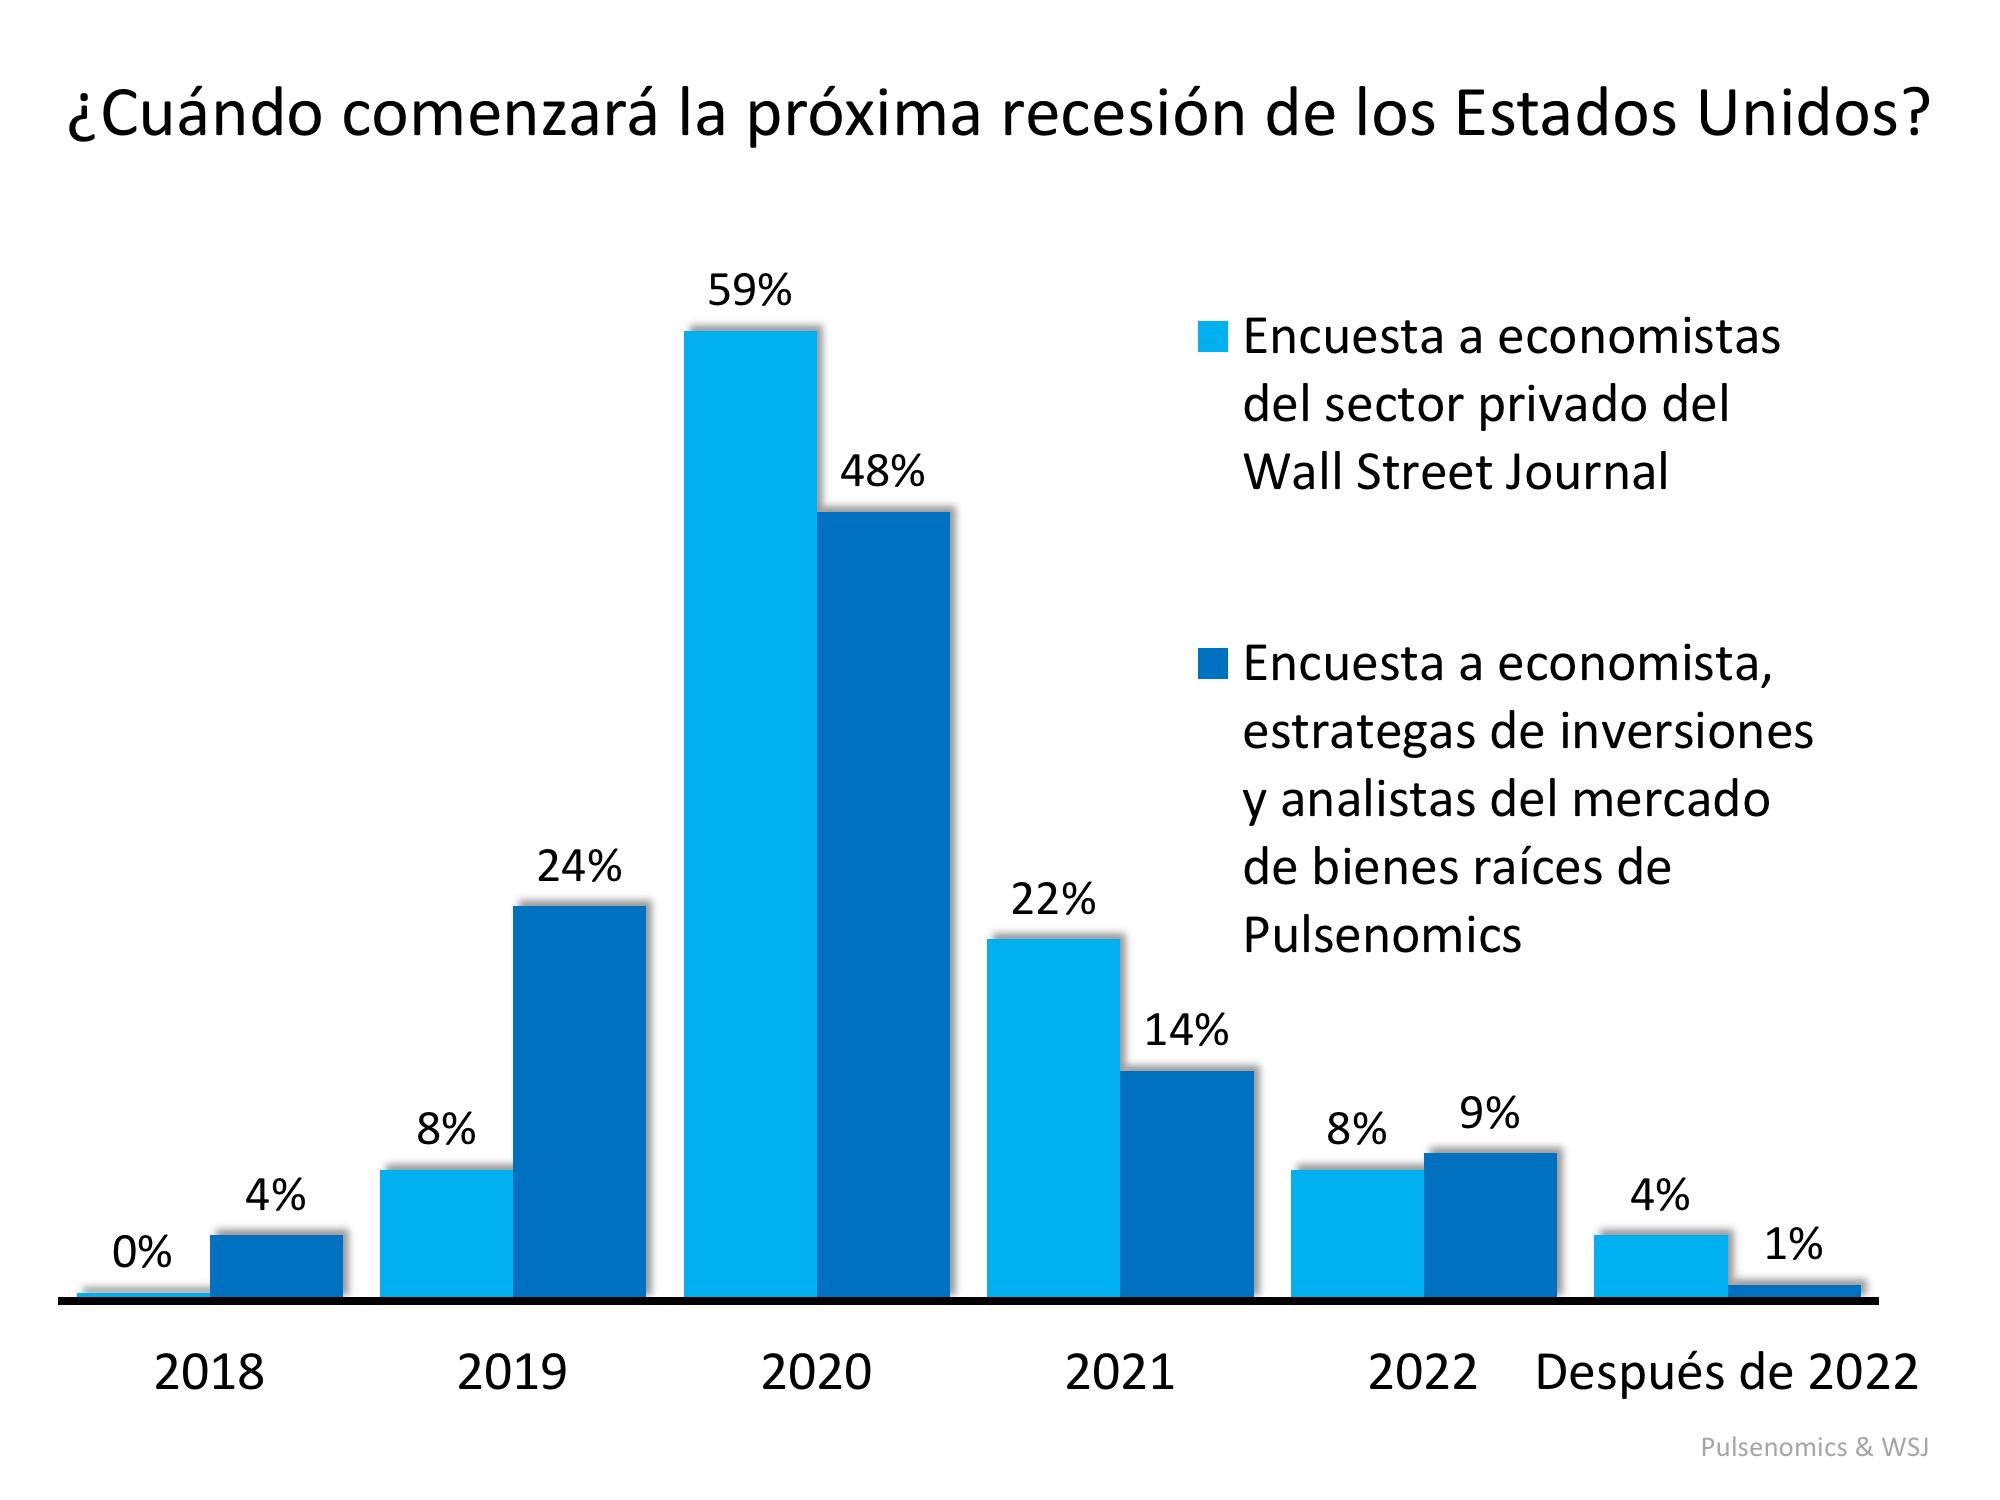 ¿Próxima recesión en 2020? ¿Cuál será el impacto? | Simplifying The Market